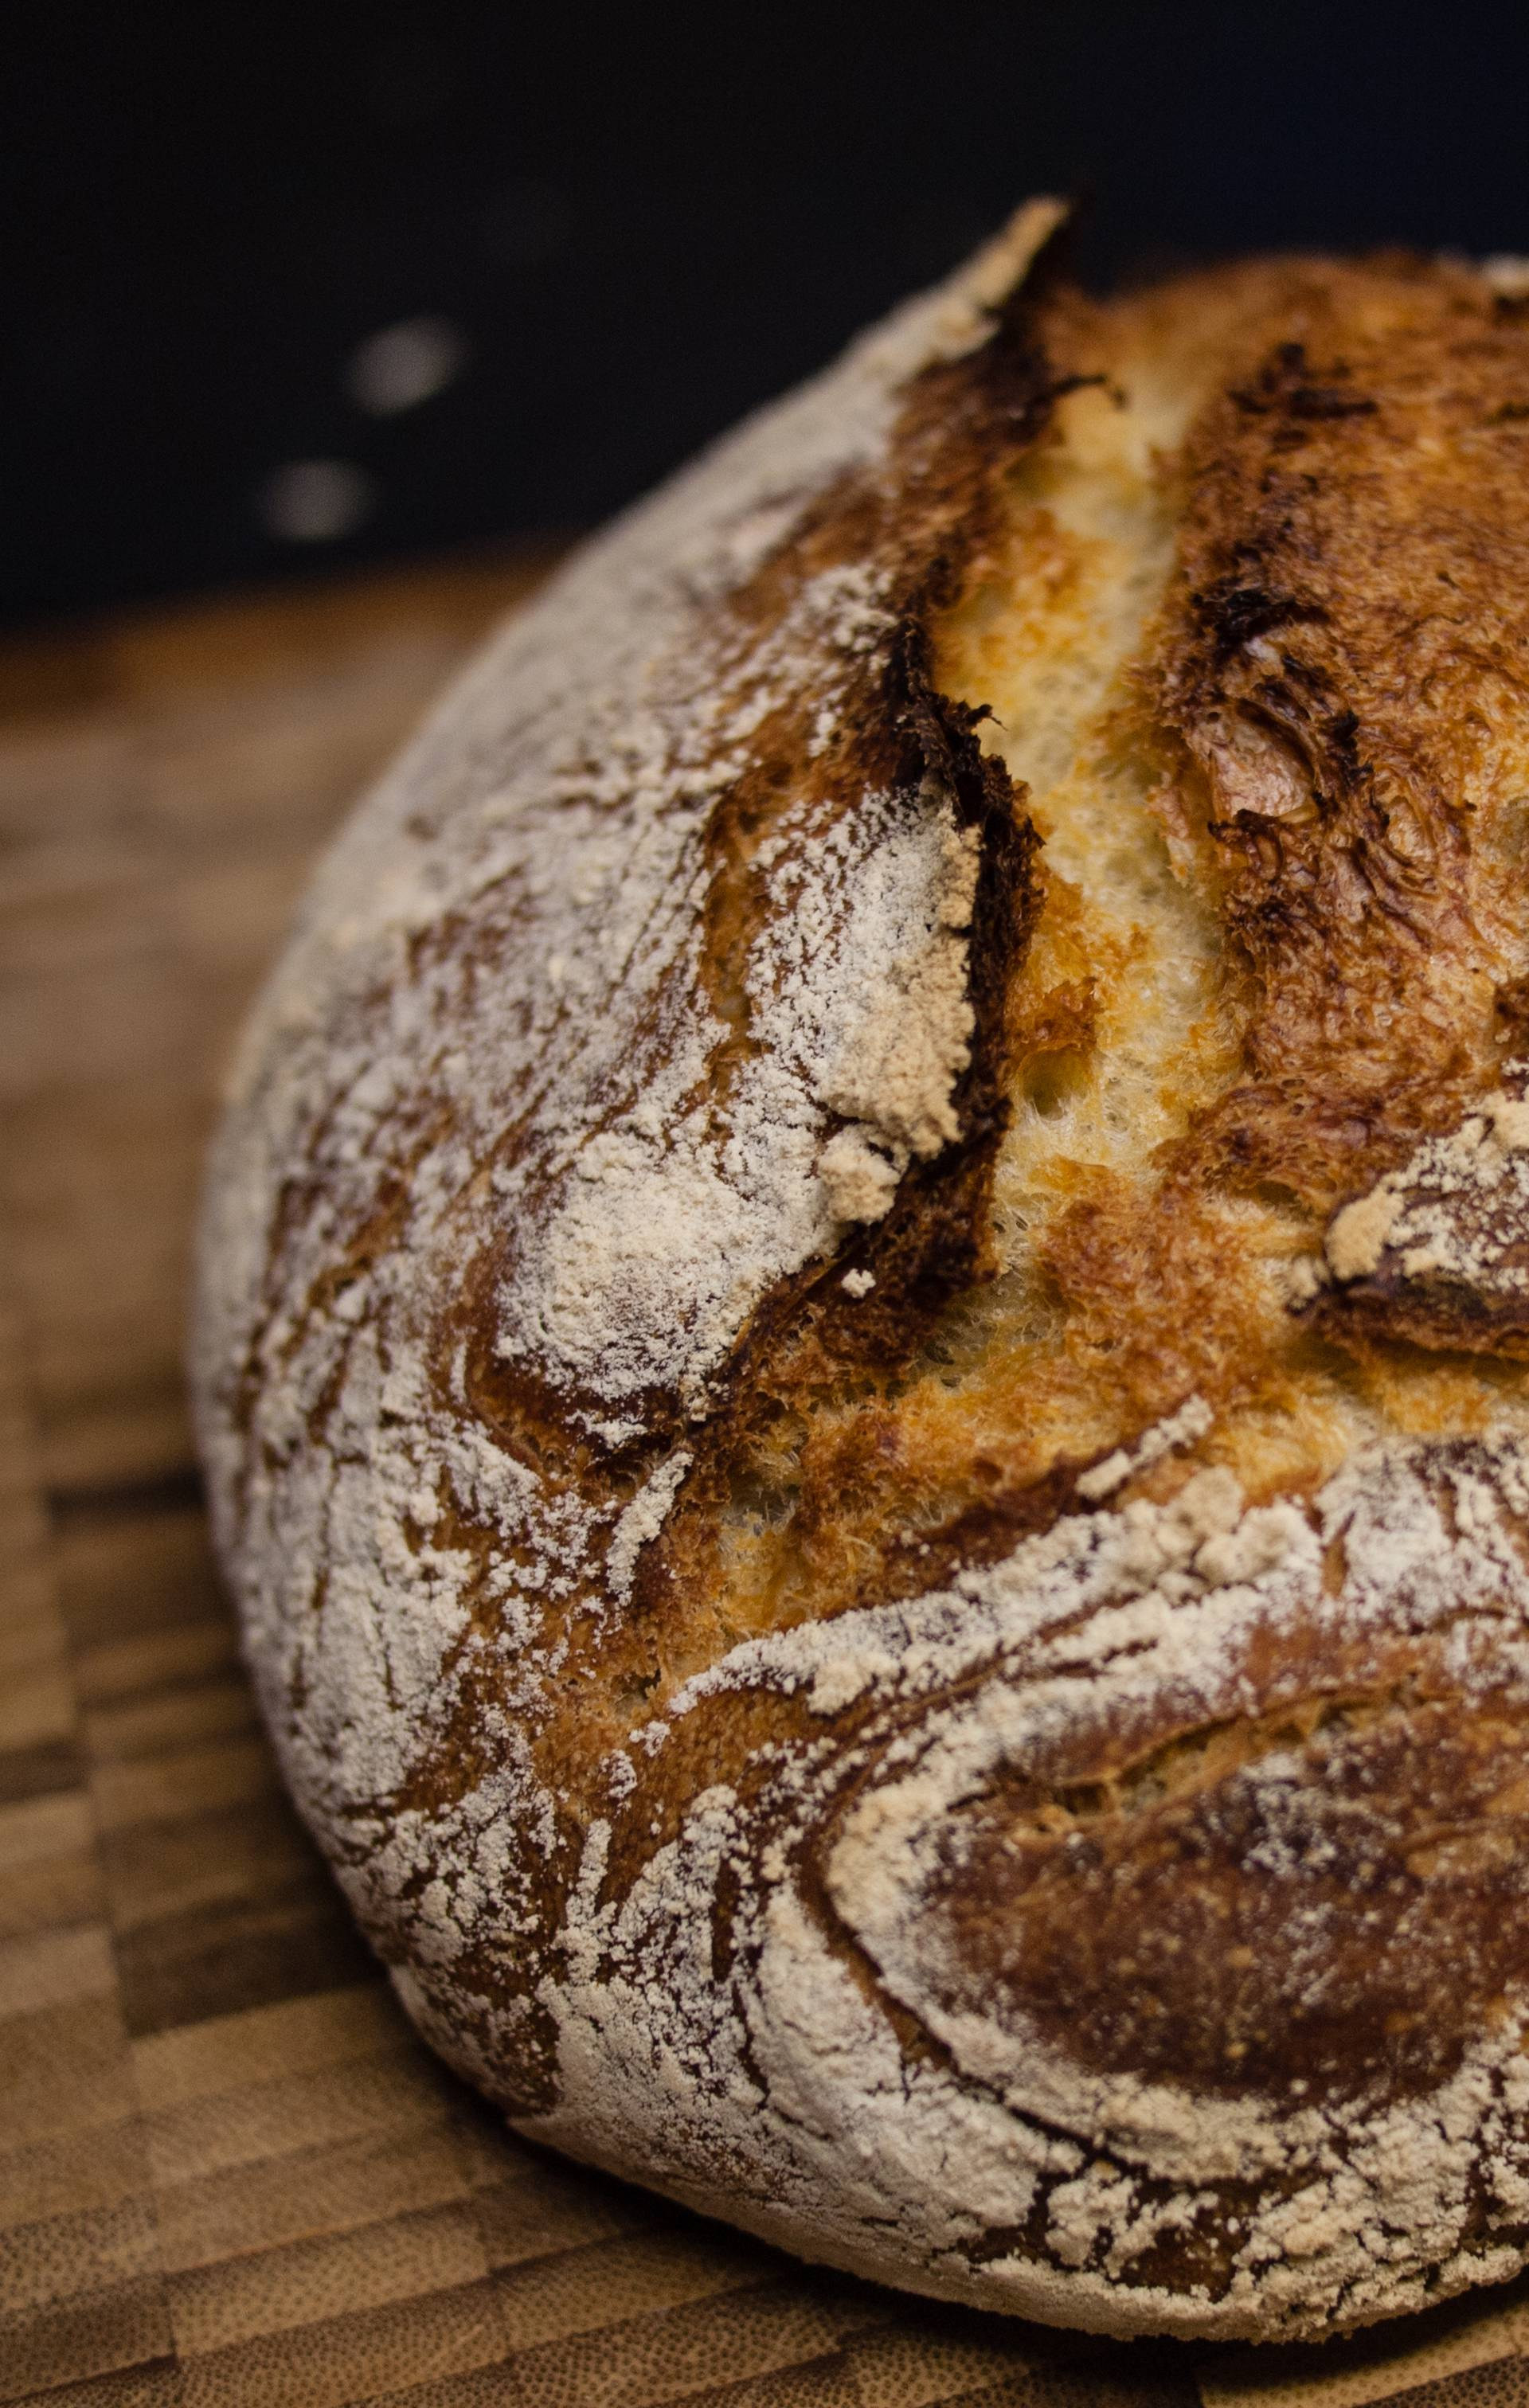 Biste li ga probali? Pronašli su izgoreni kruh star 5500 godina